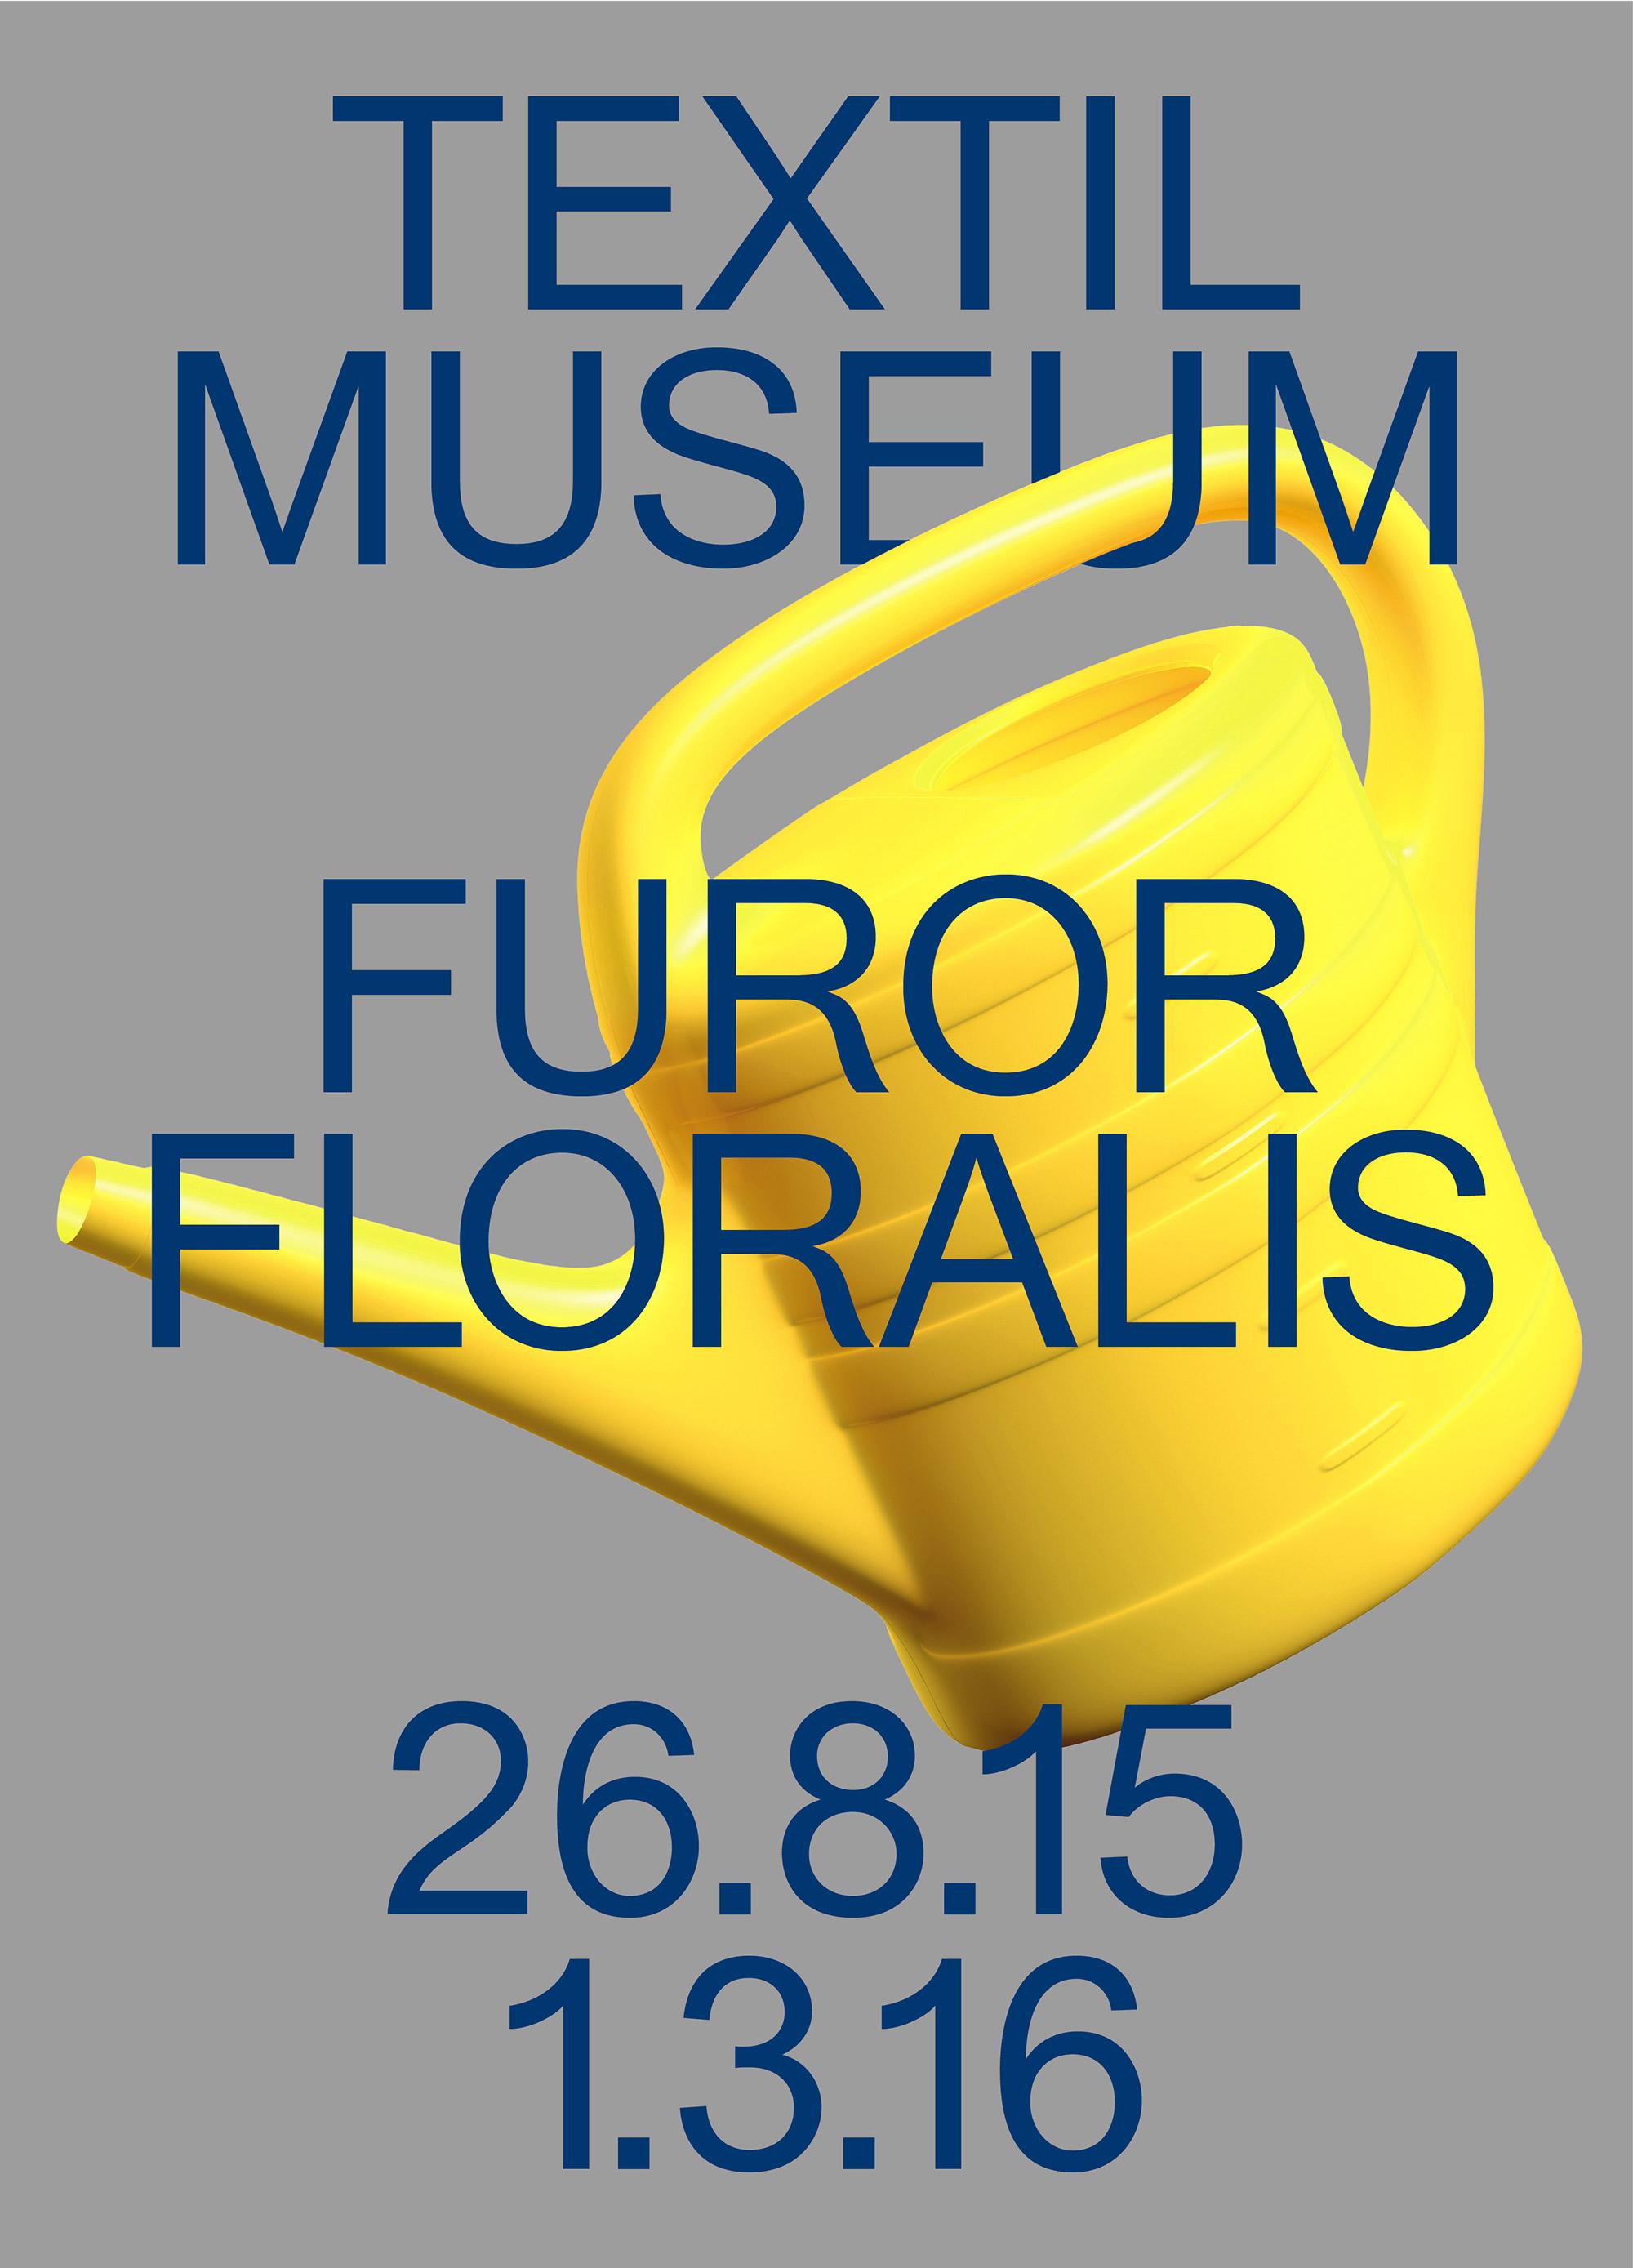 Furor Florials